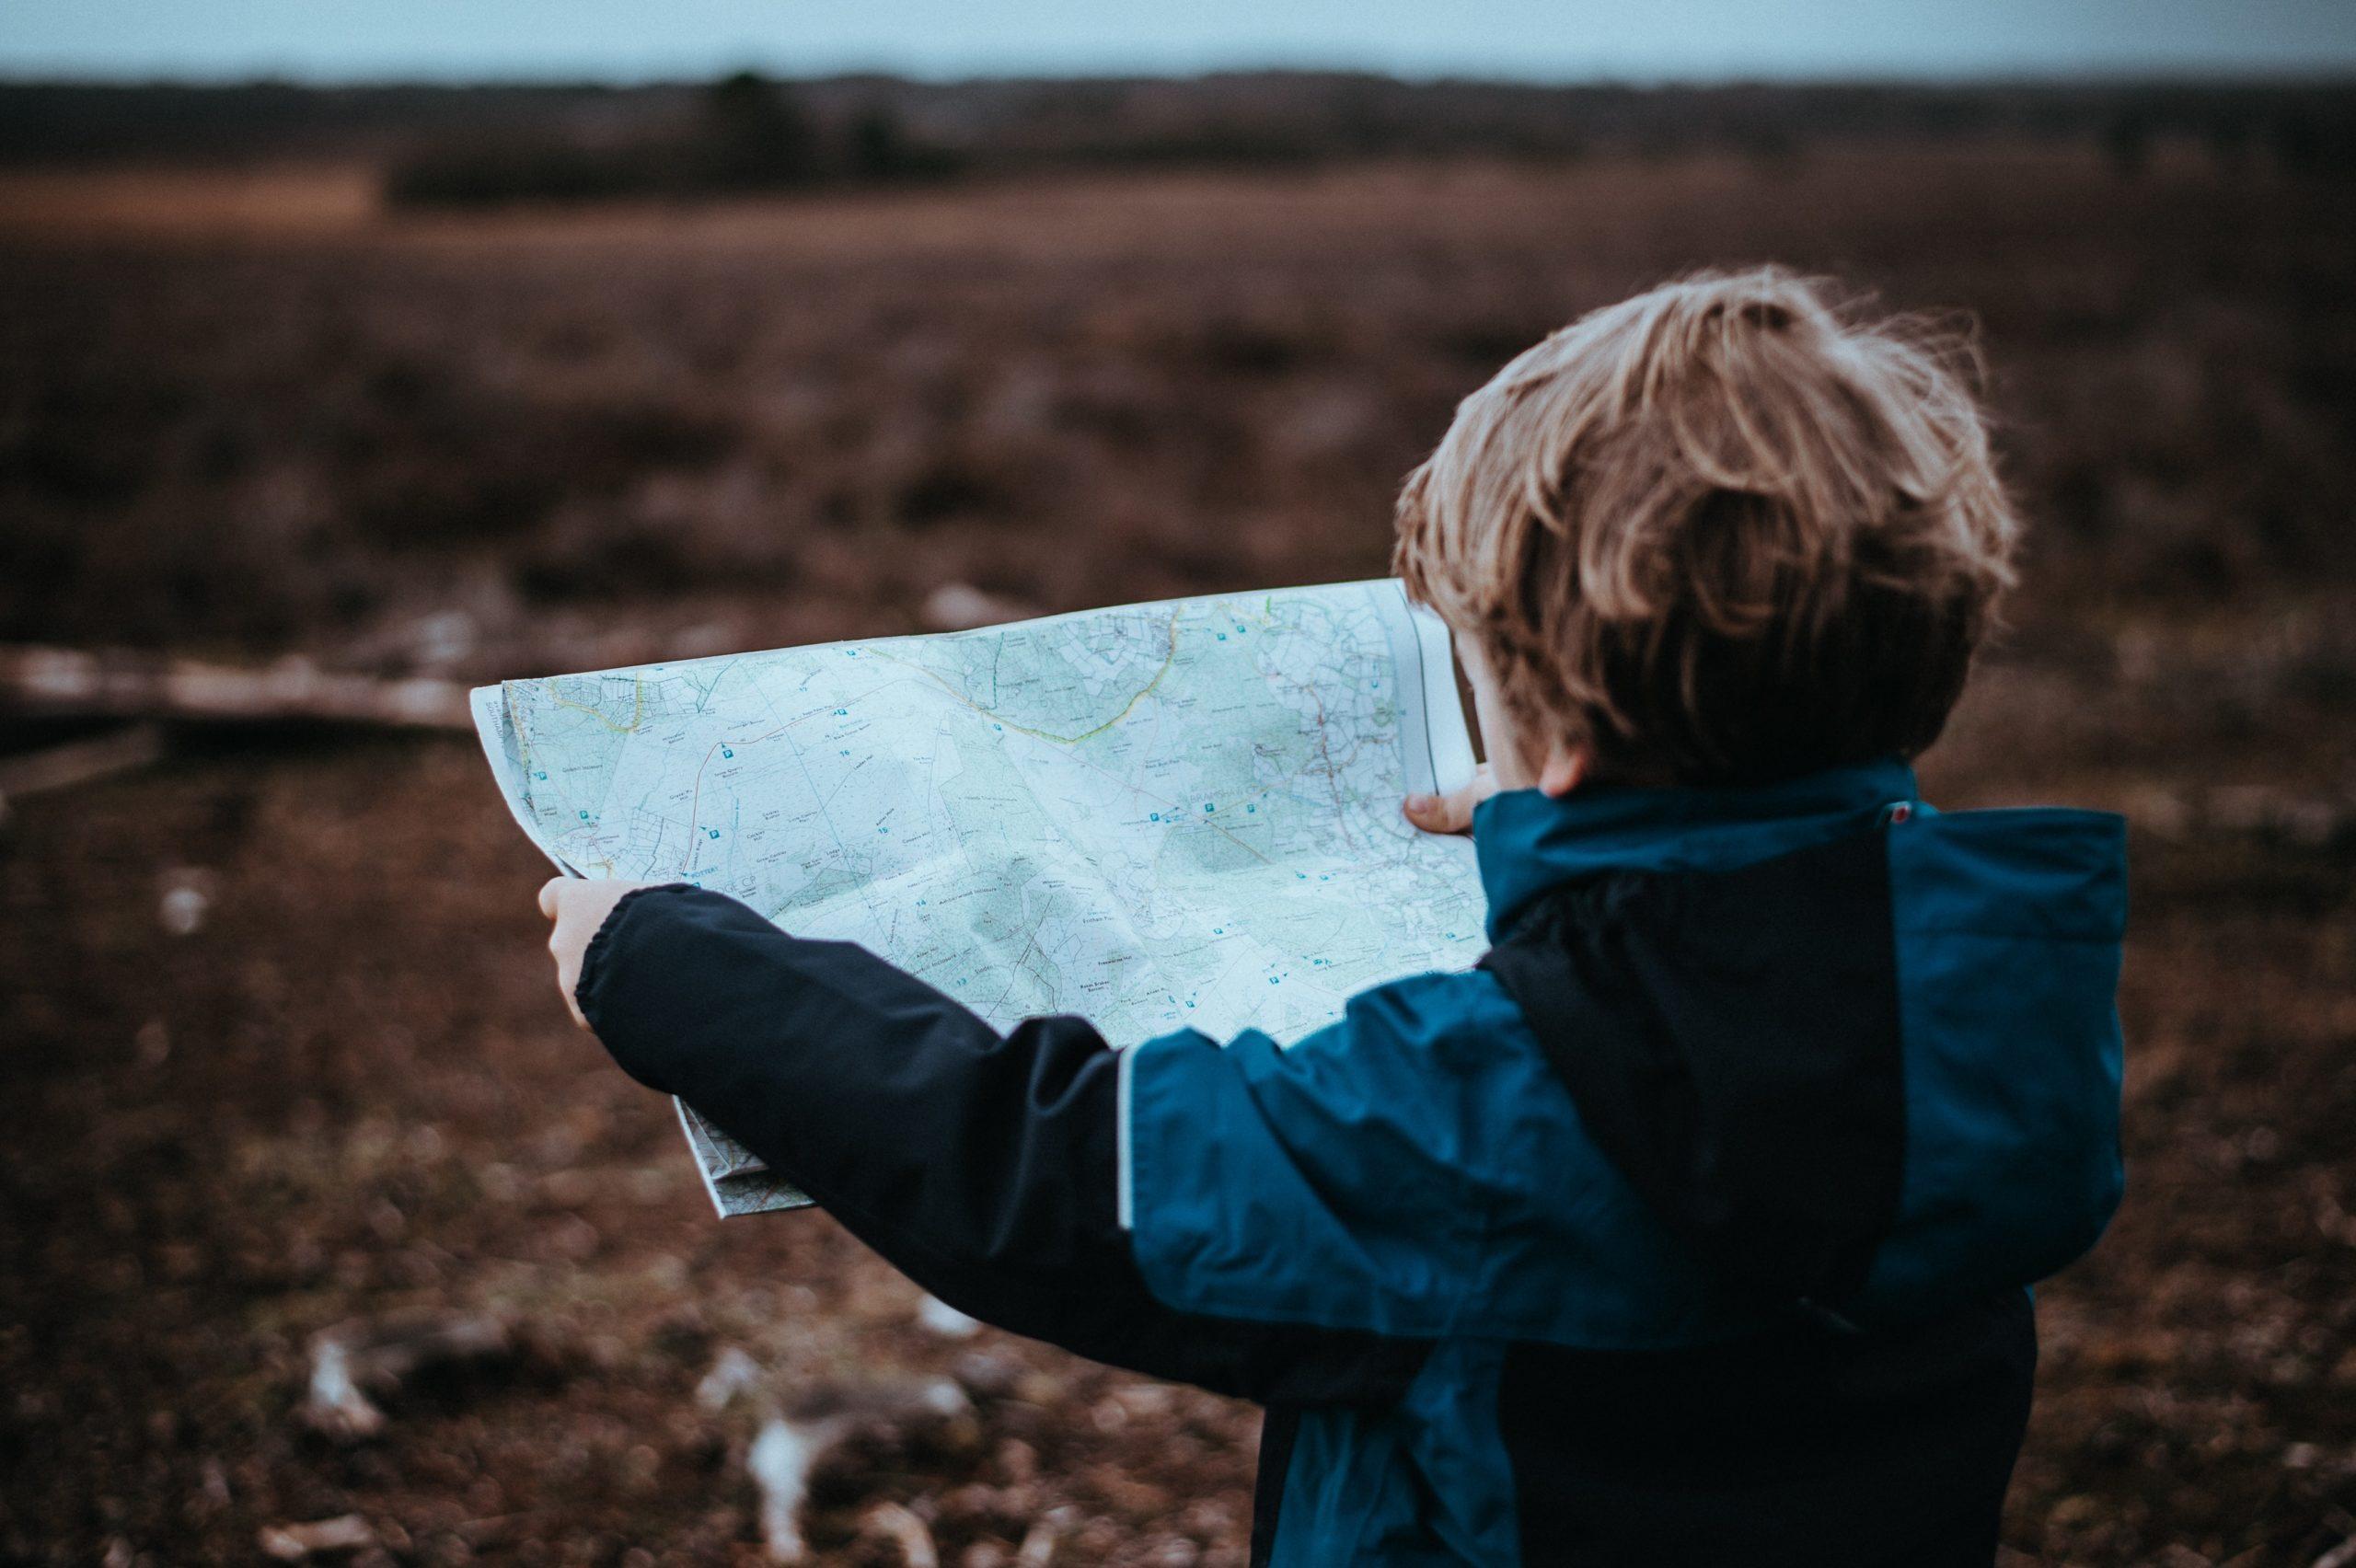 Kun lastesi arviointikyky kasvaa, maailmasta tulee parempi paikka elää